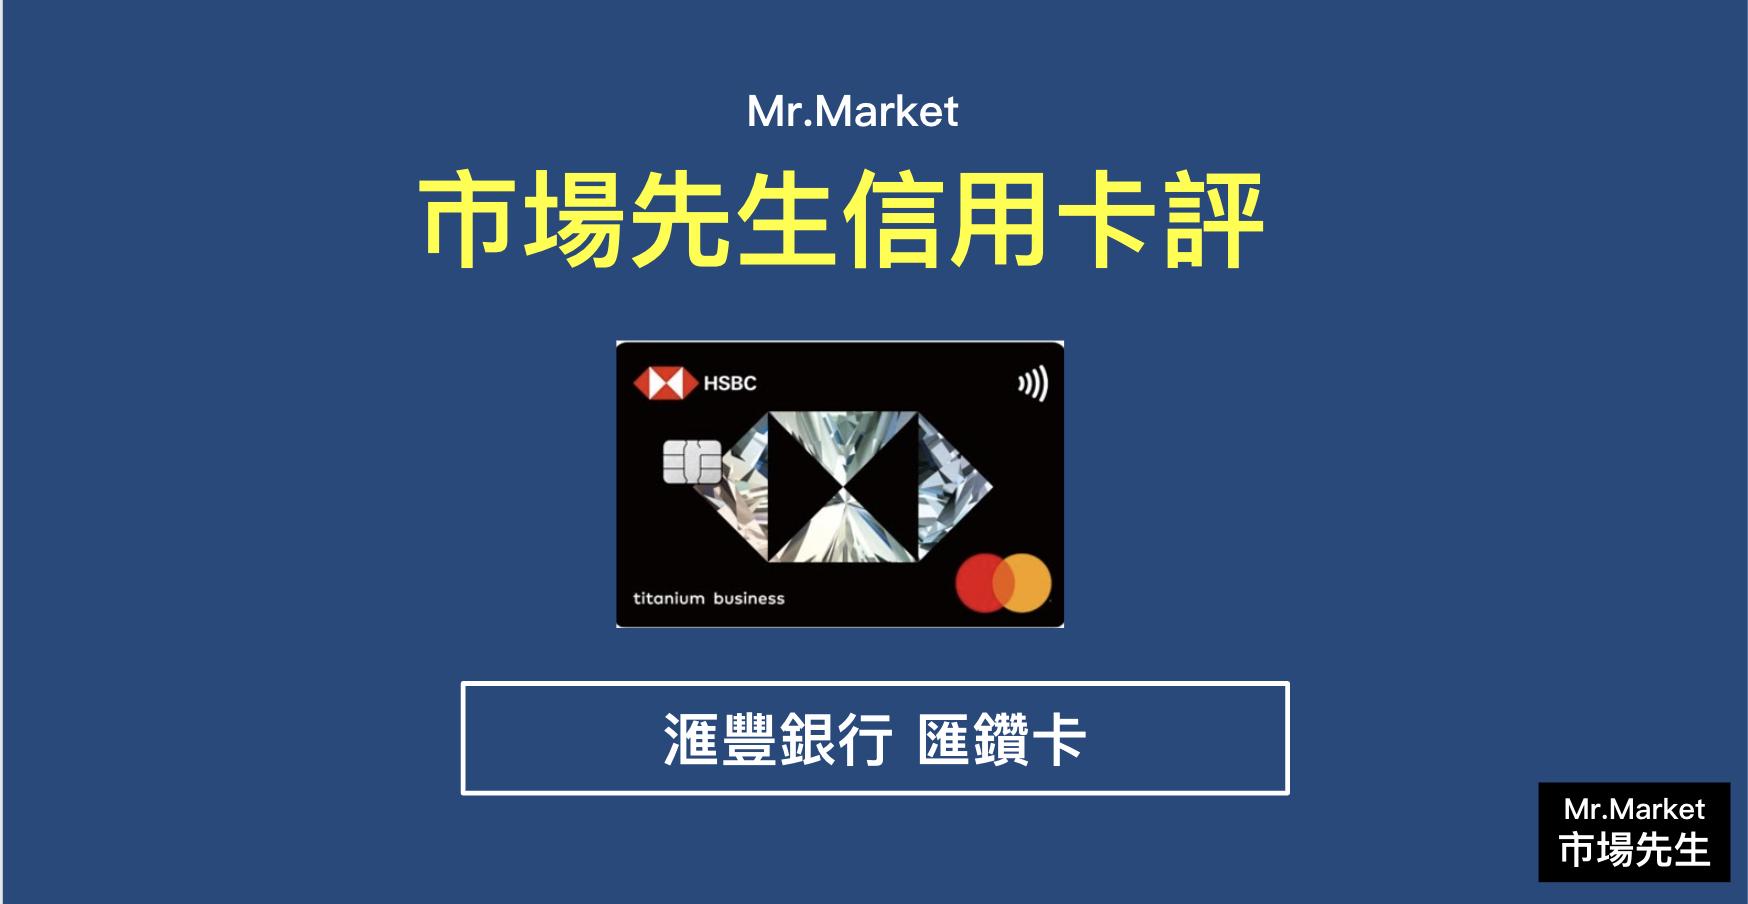 滙豐匯鑽卡值得辦嗎?《市場先生信用卡評》滙豐匯鑽卡